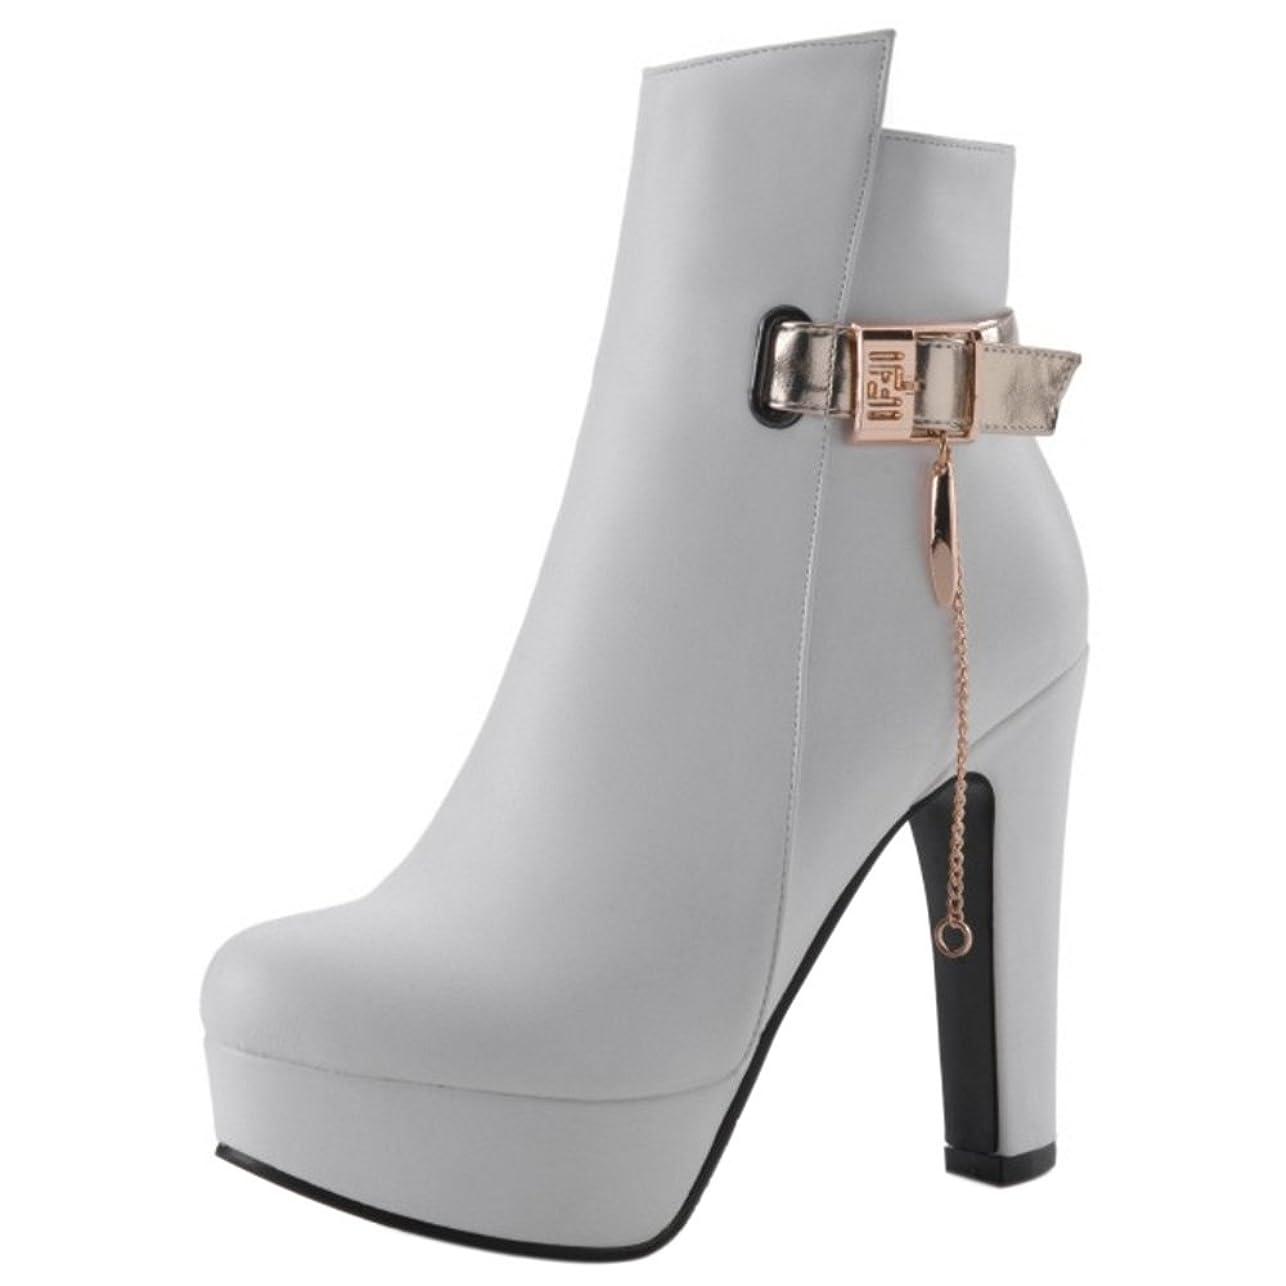 批判的に寄付アクティブ[COOLCEPT] レディース ファッション ショート ブーツ プラットフォーム ジッパー シューズ